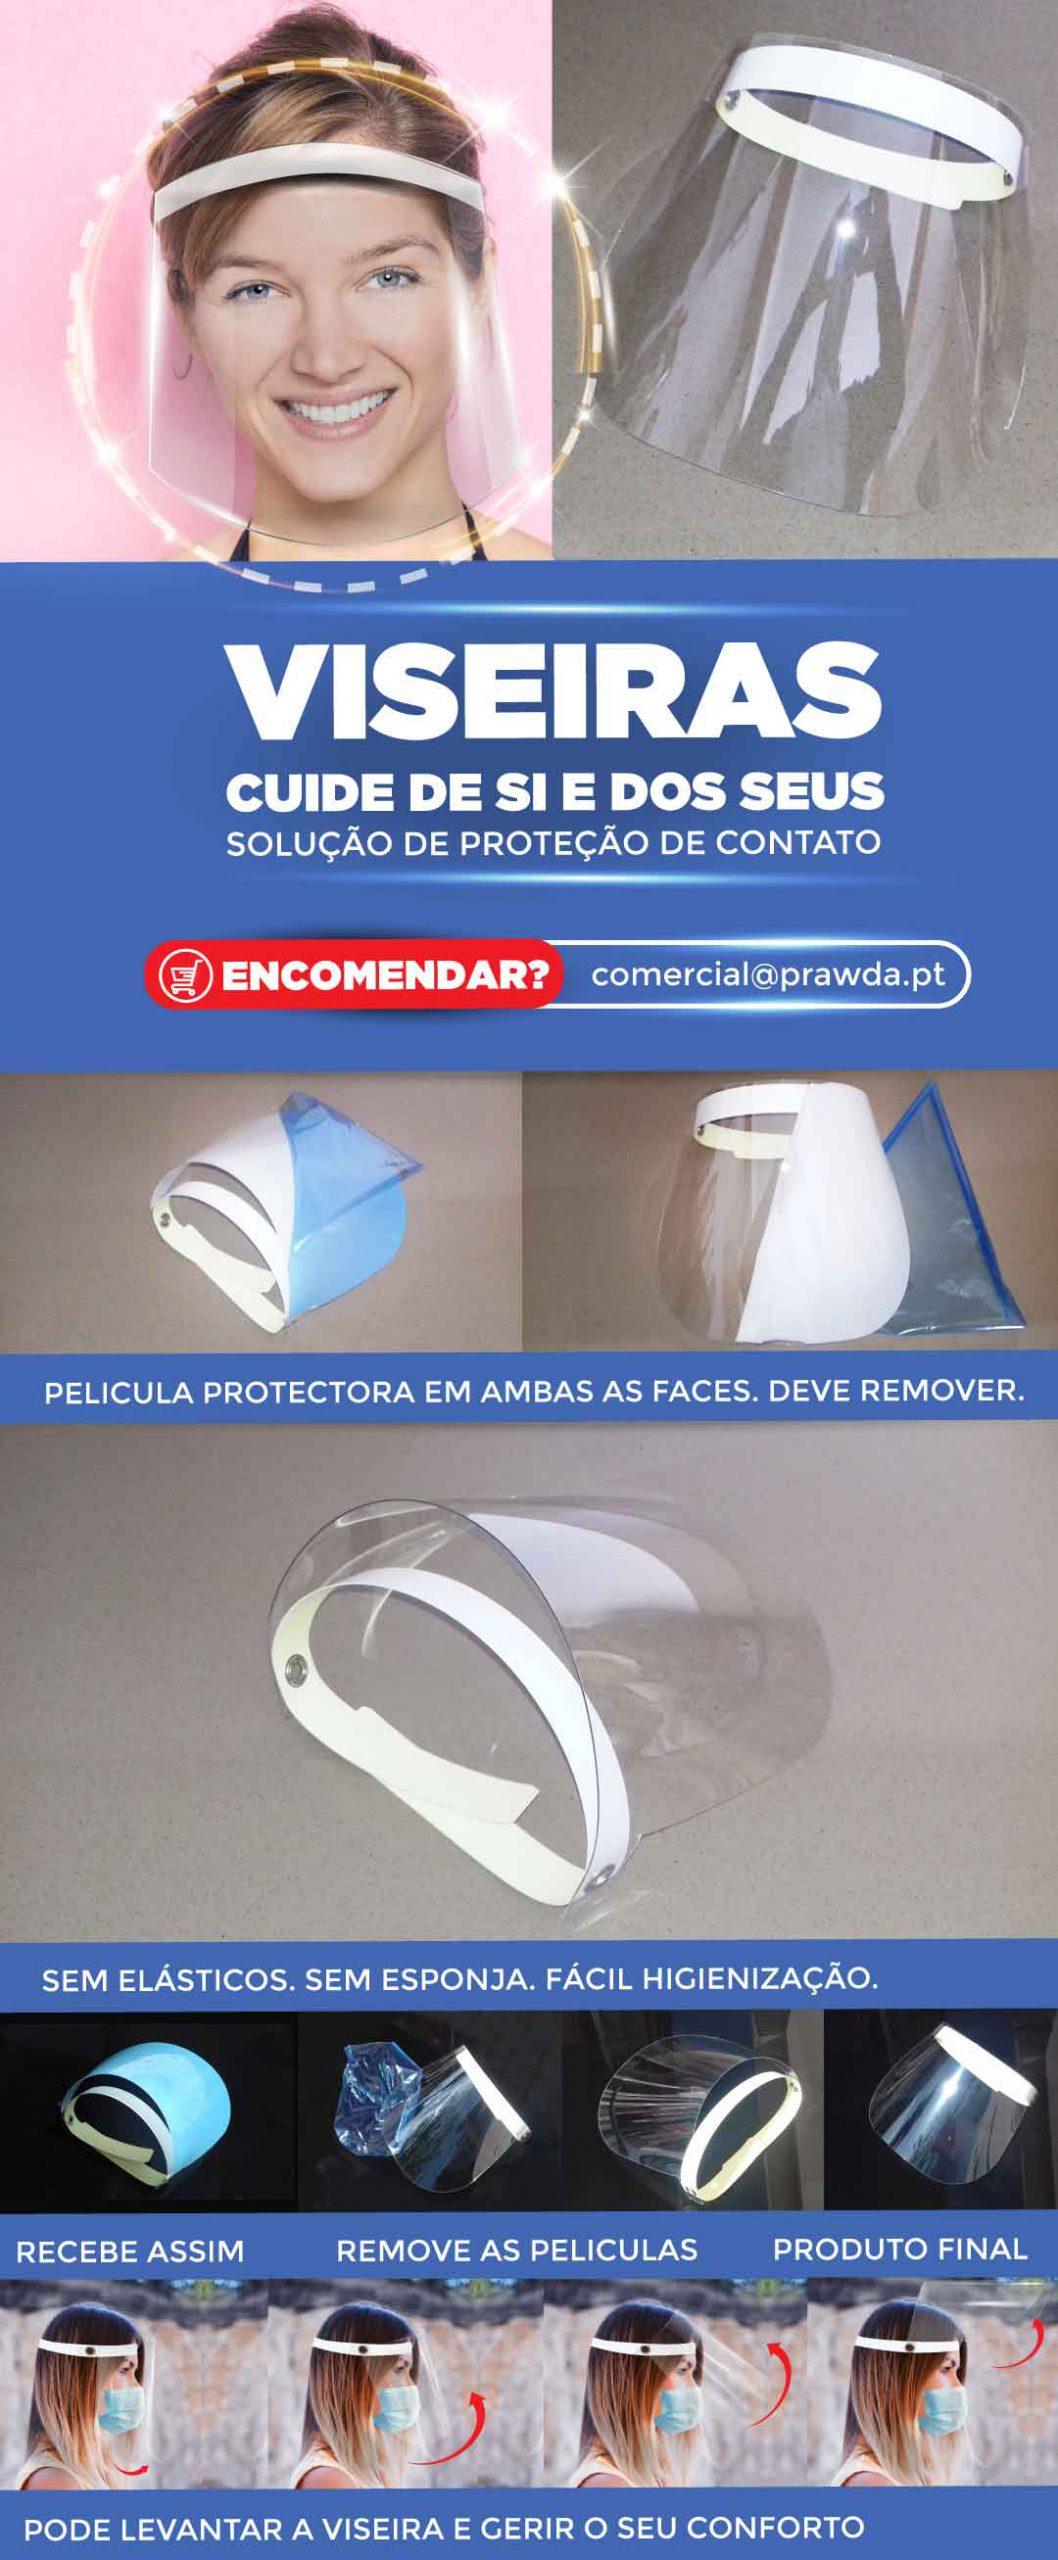 viseiras de proteção